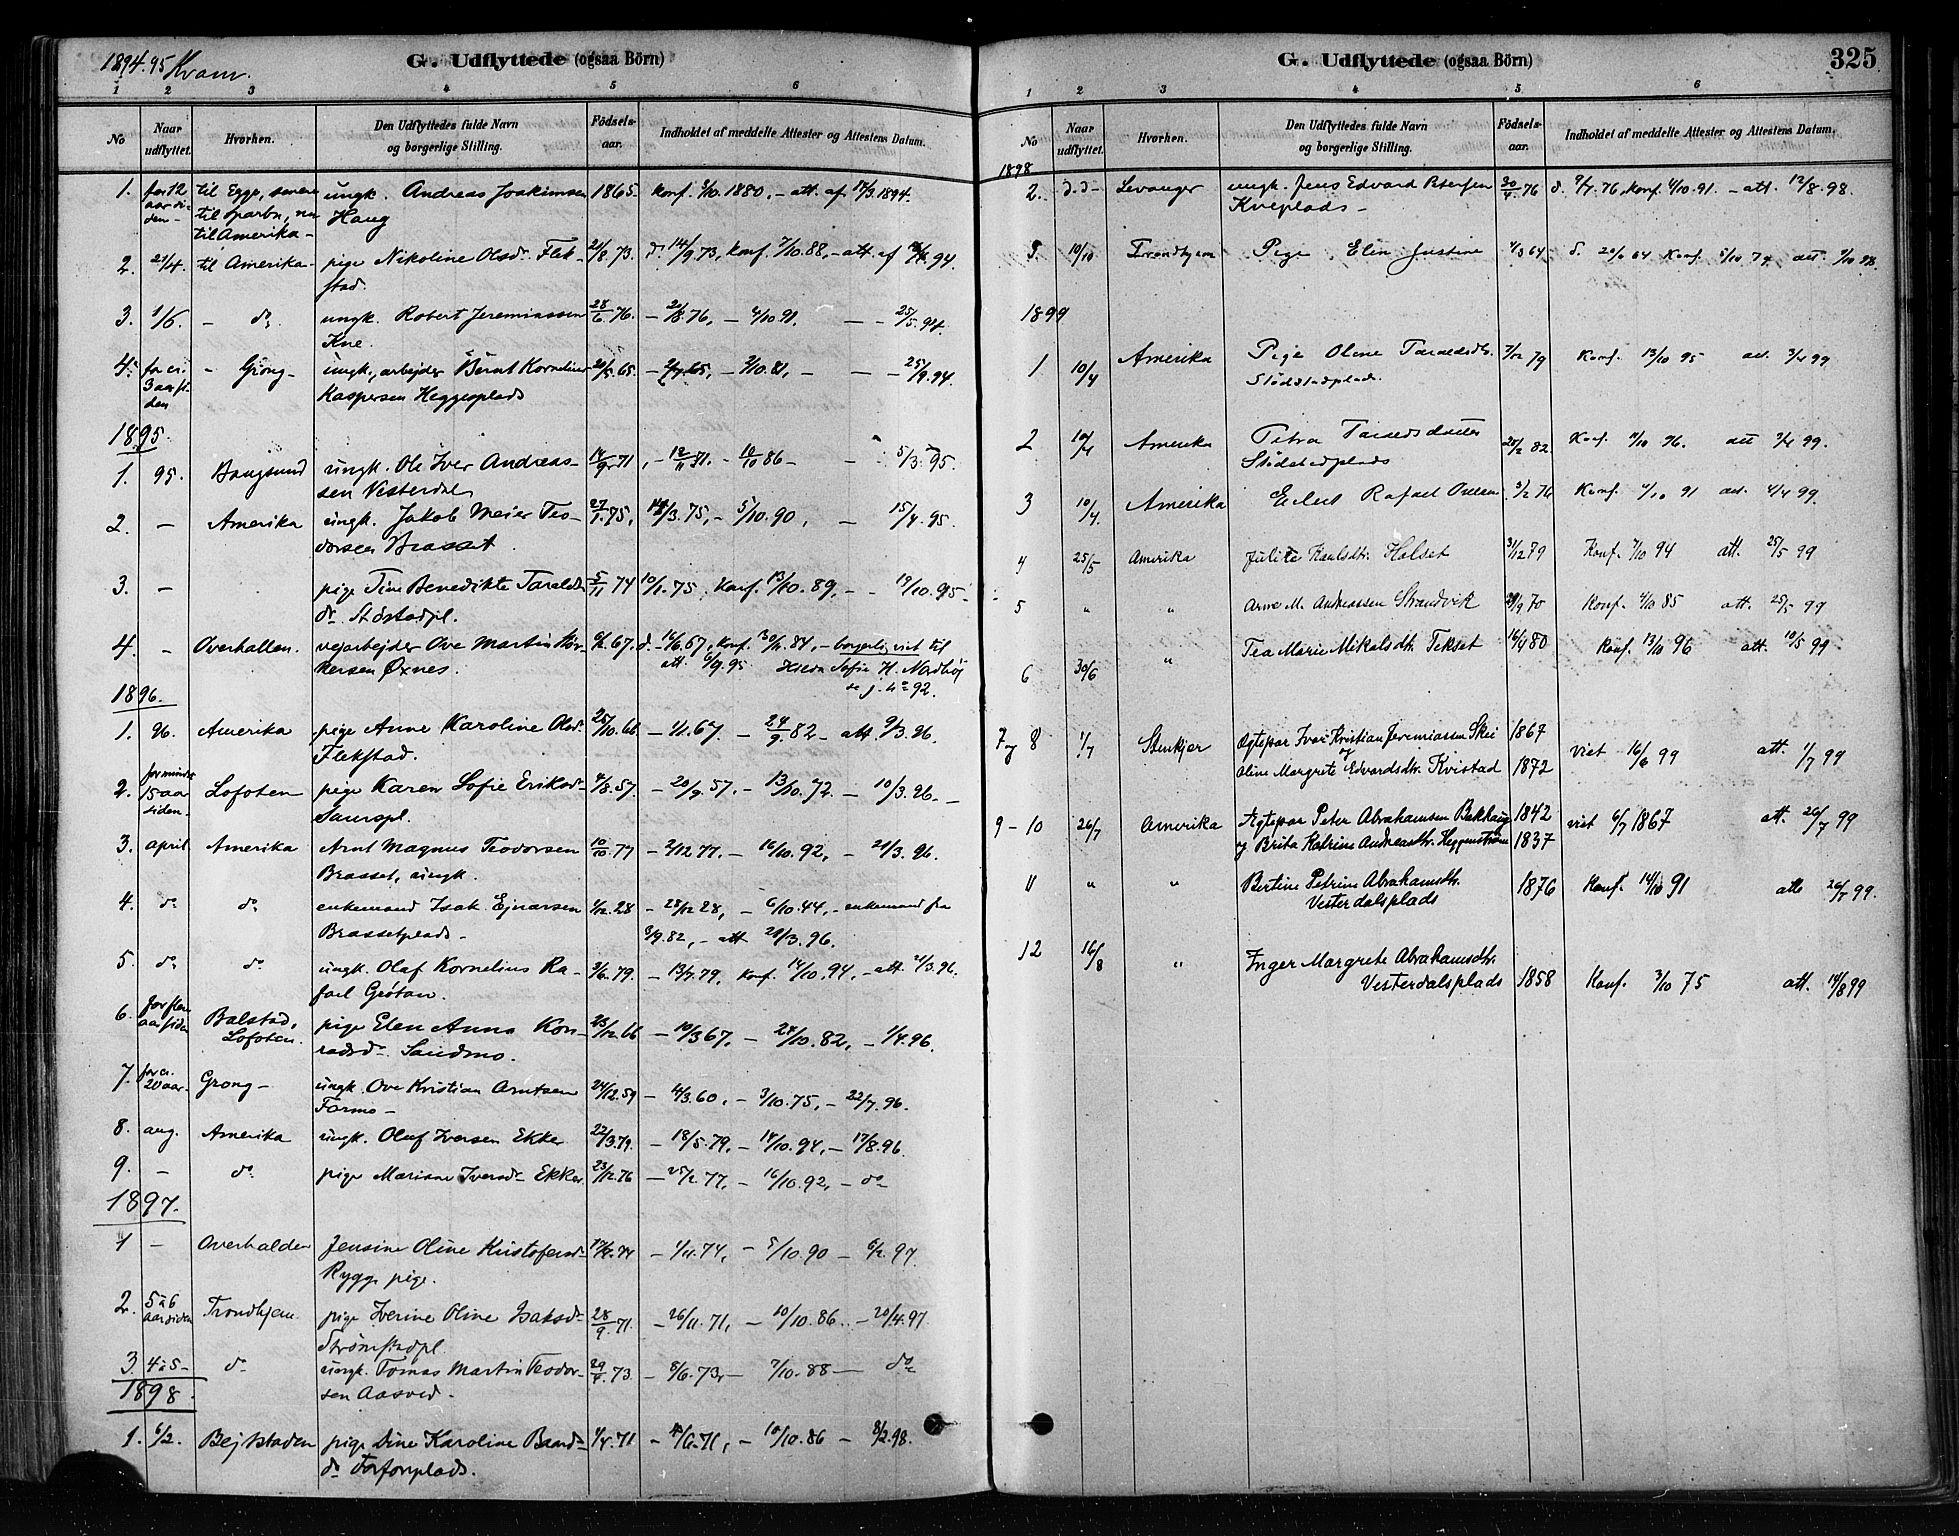 SAT, Ministerialprotokoller, klokkerbøker og fødselsregistre - Nord-Trøndelag, 746/L0449: Ministerialbok nr. 746A07 /2, 1878-1899, s. 325